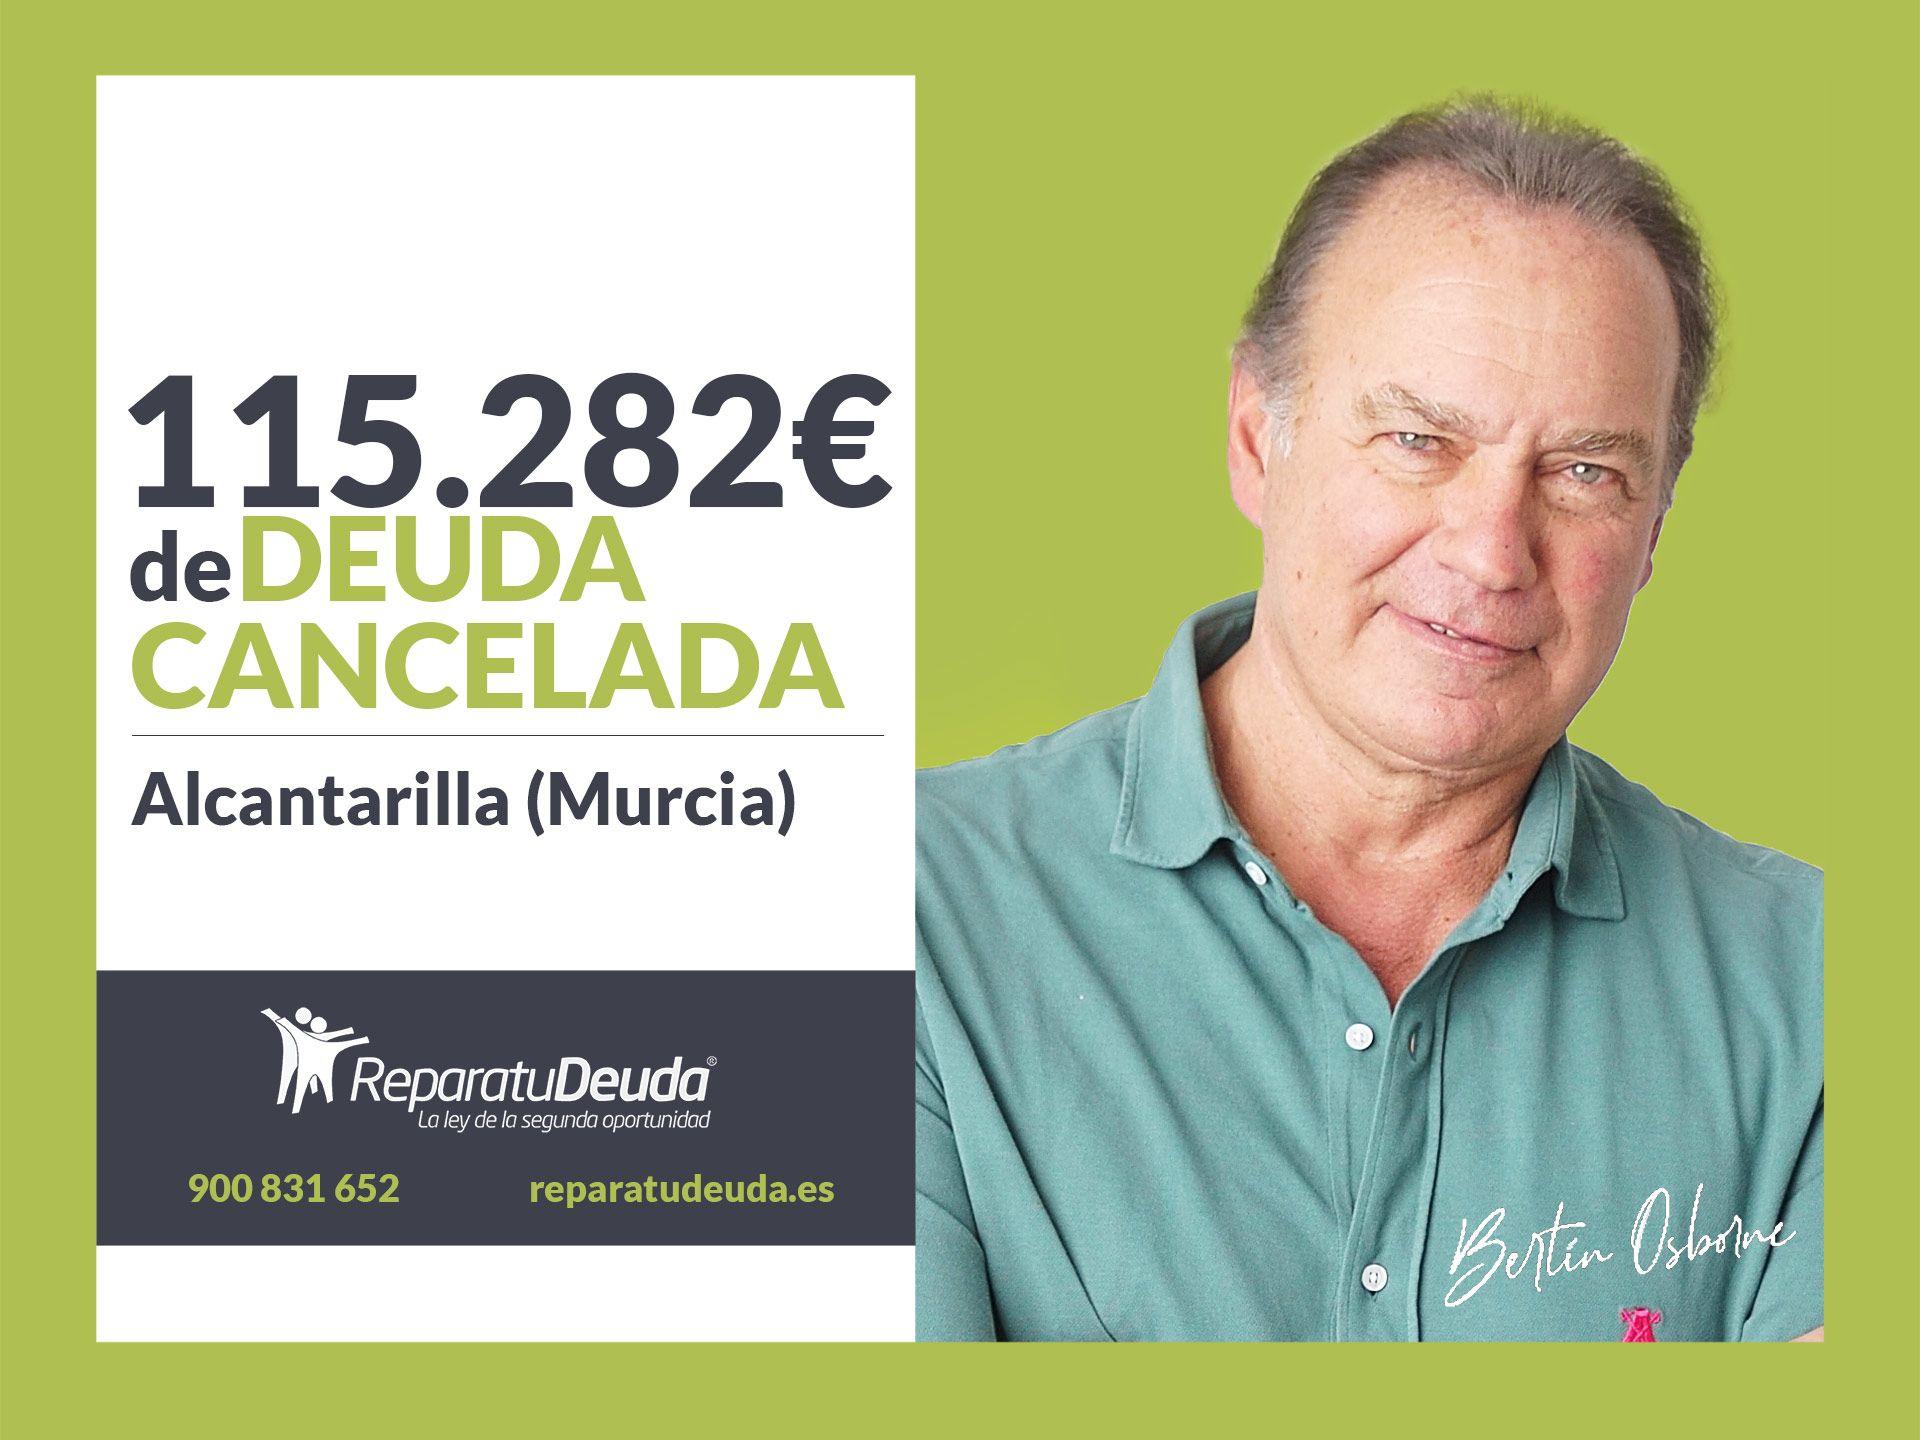 Repara tu Deuda Abogados cancela 115.282? en Alcantarilla (Murcia) con la Ley de la Segunda Oportunidad